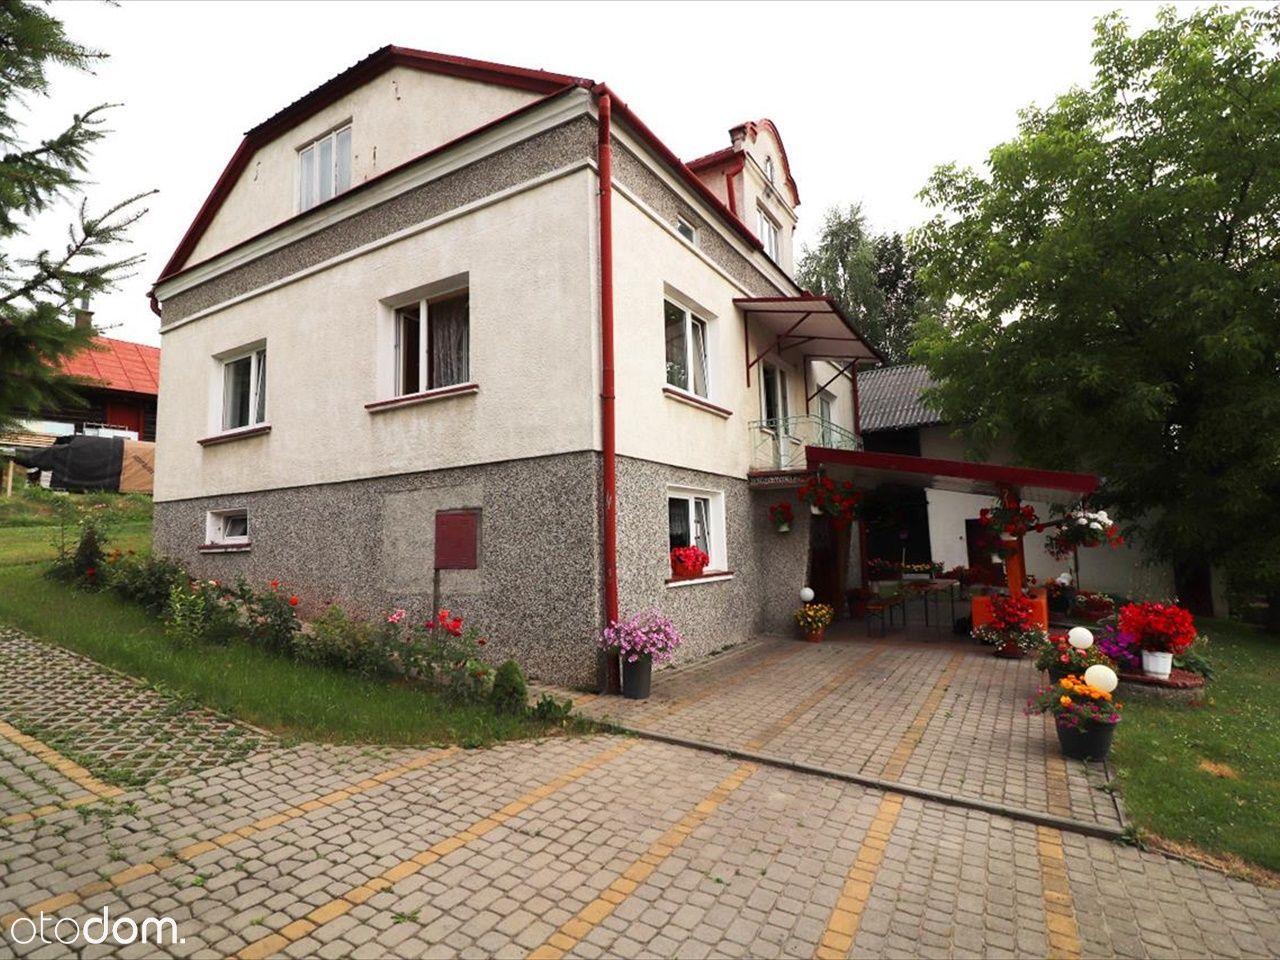 Dom wolnostojący 17km od centrum Rzeszowa